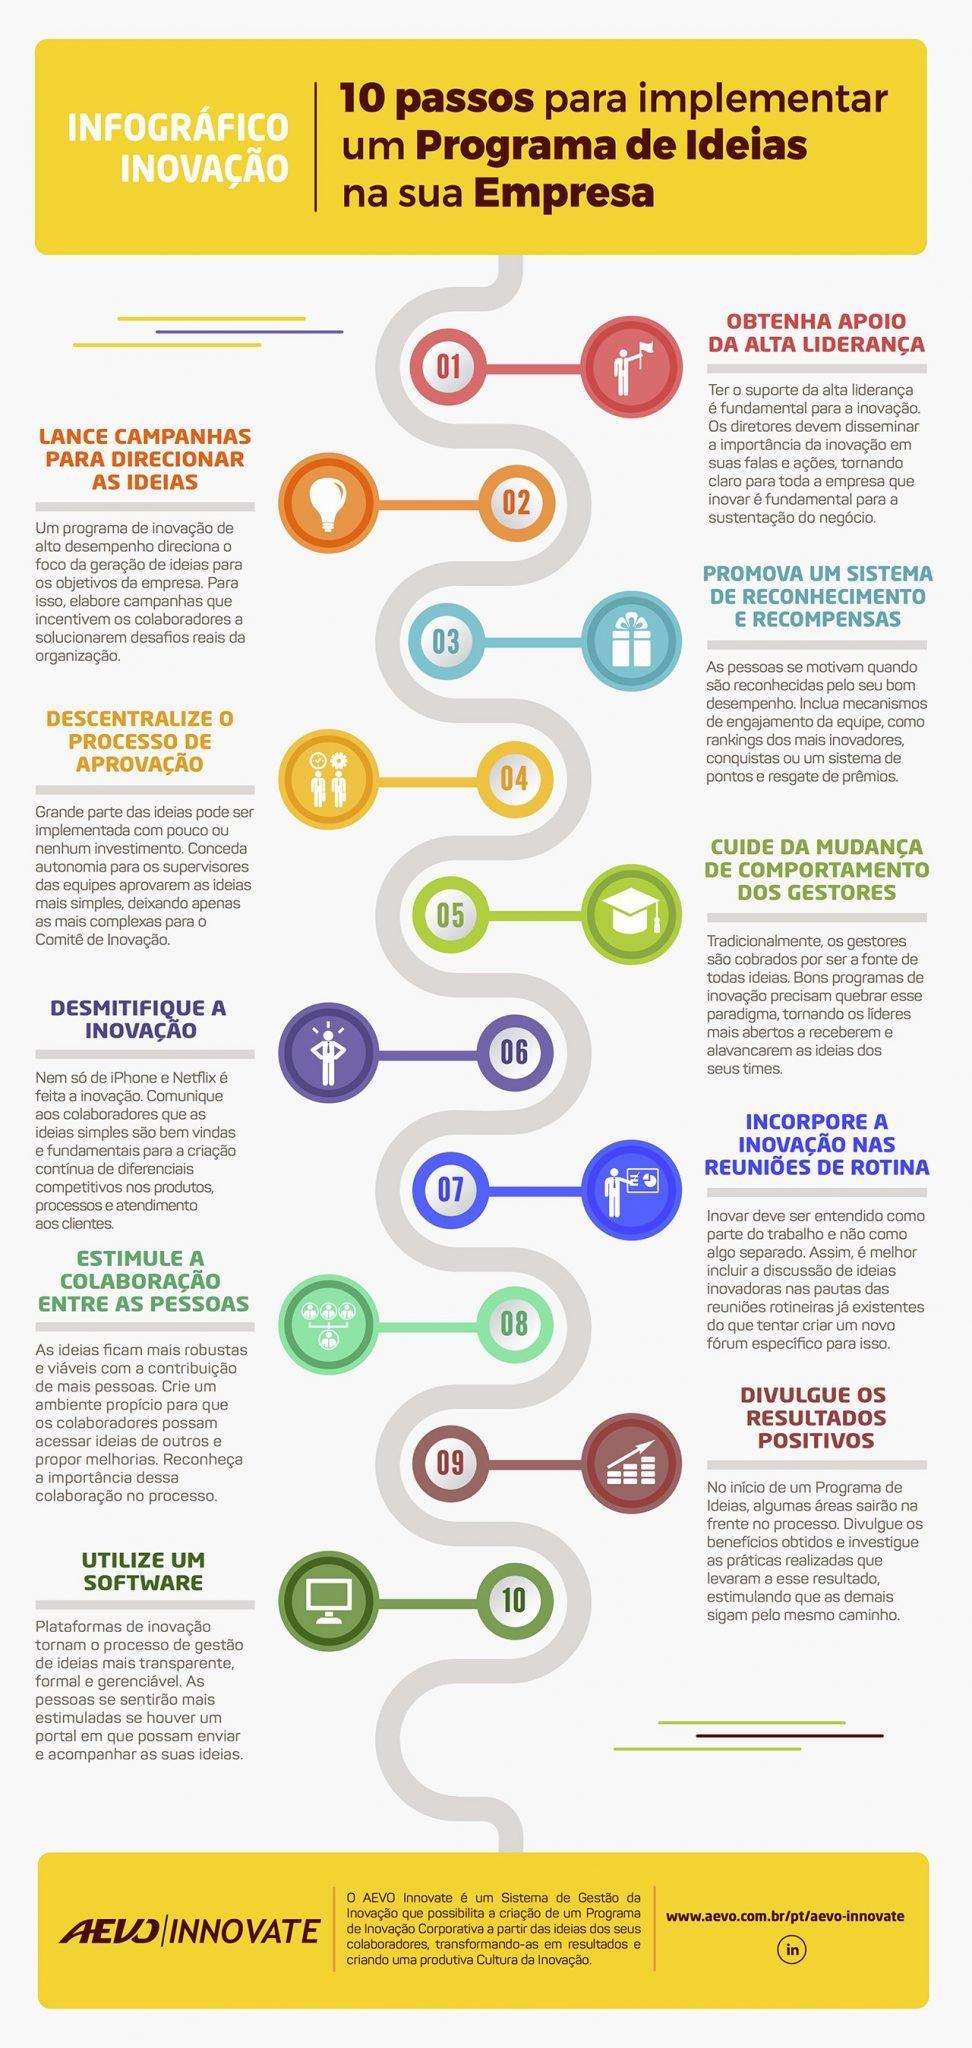 Infográfico - 10 passos para implantar um programa de ideias na sua empresa